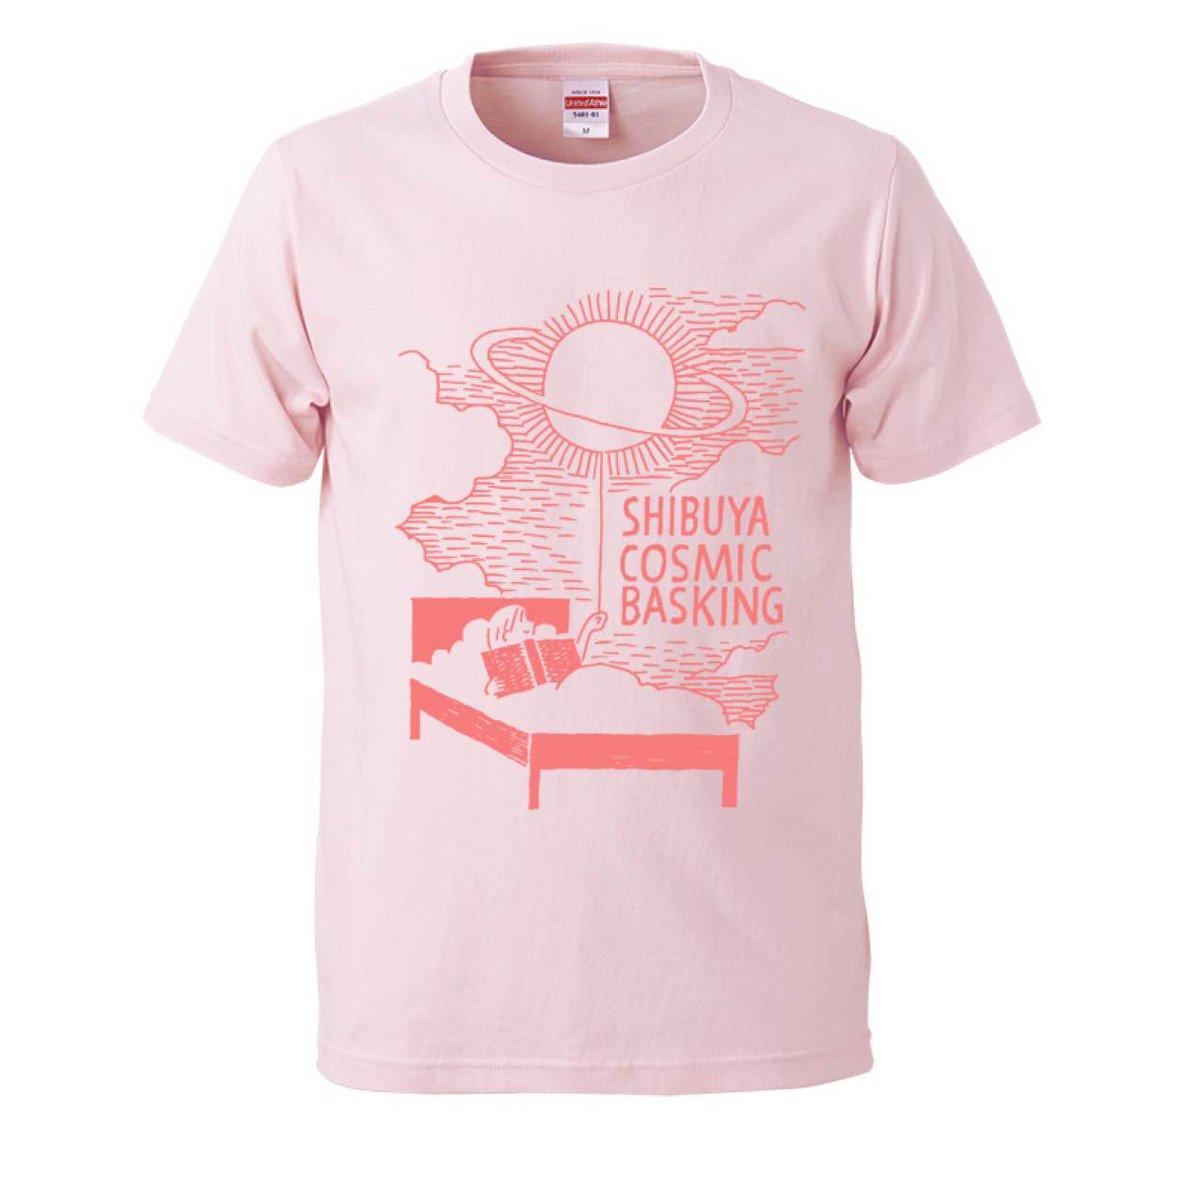 カーネーションのライブシリーズ「SHIBUYA COSMIC BASKING 2018 spring」Tシャツのイラストを描かせていただきました。